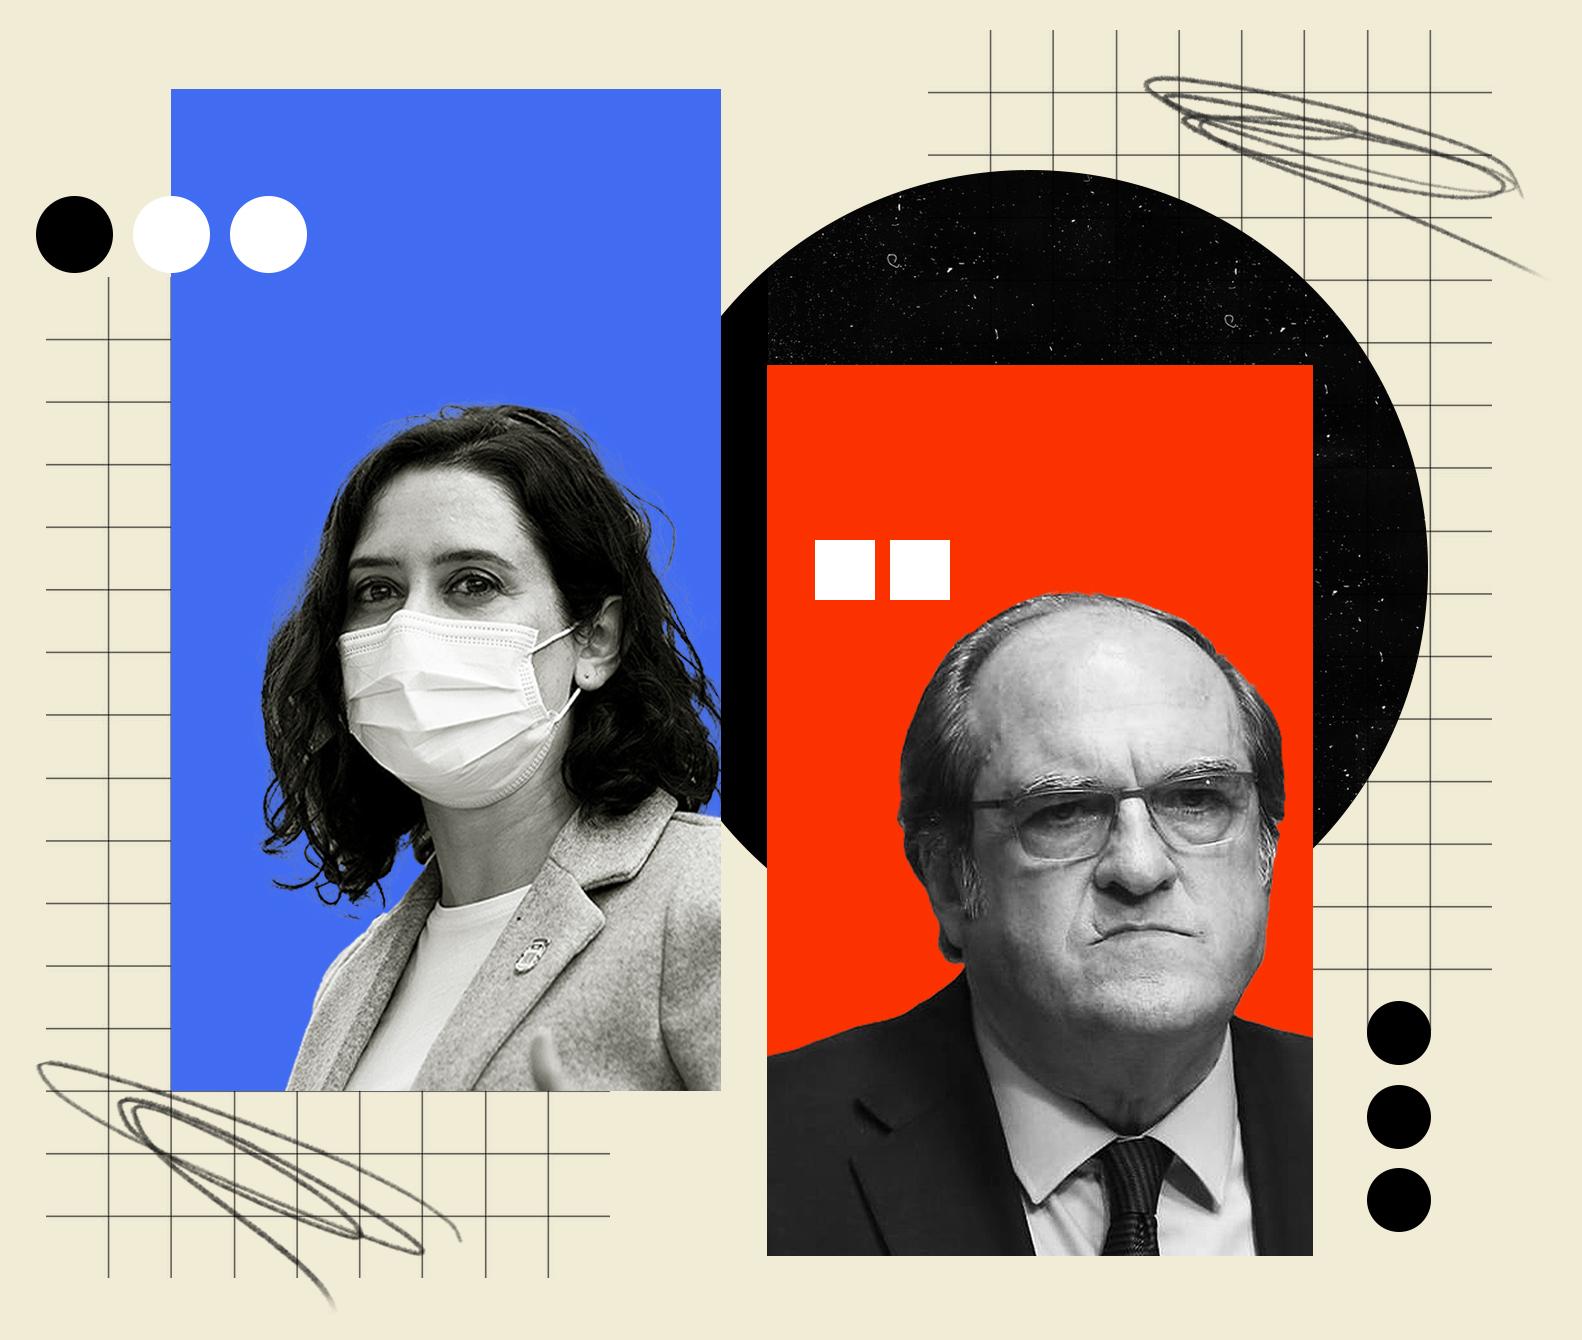 Fortalezas y debilidades del PP y PSOE: del gobierno serio al gobierno contra los cenizos